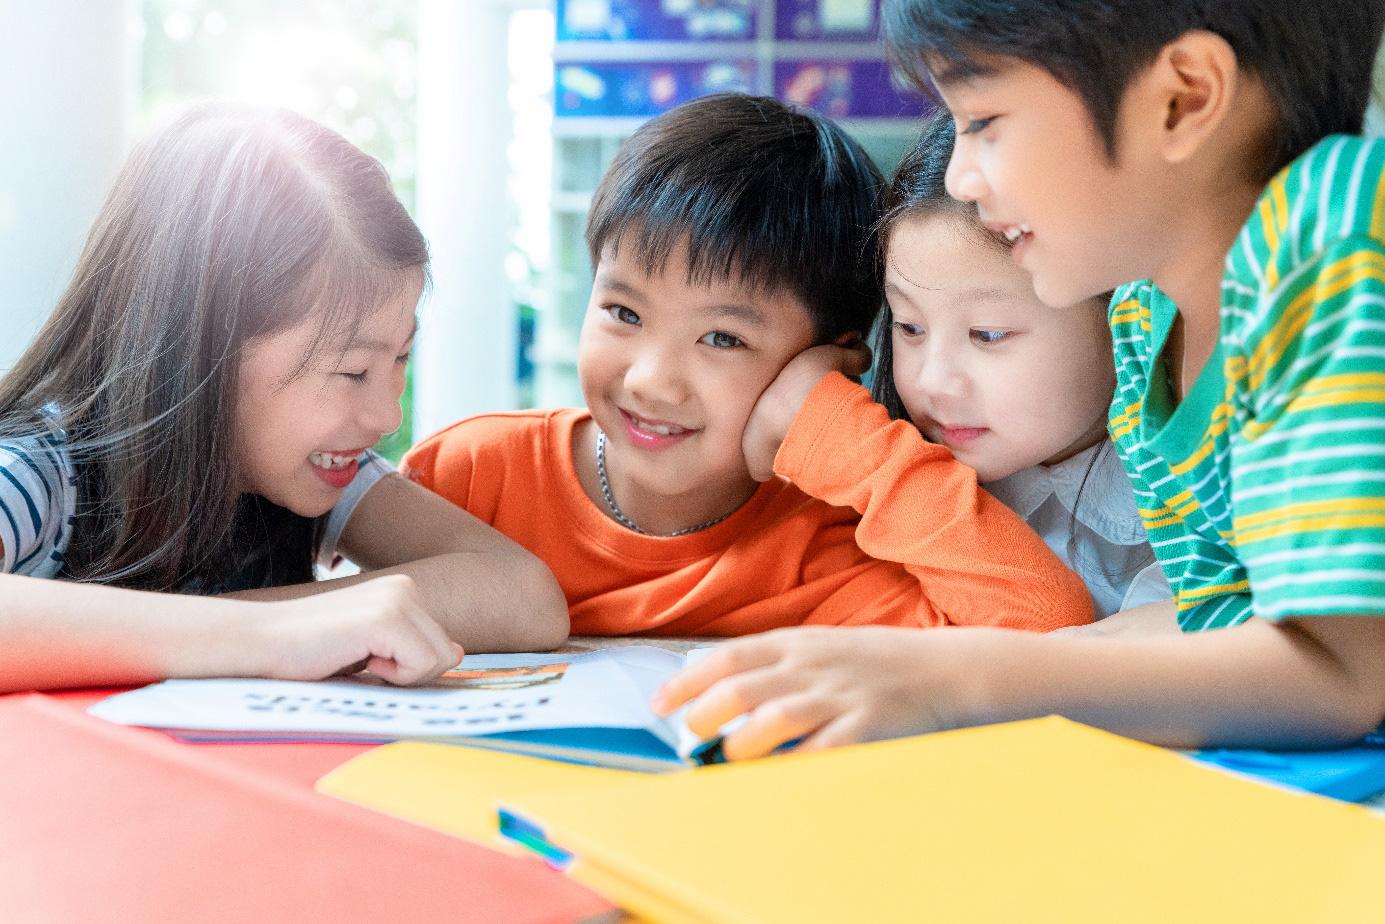 """Hiểu đúng khái niệm """"đứa trẻ mạnh mẽ"""" để giúp con luôn tự tin, vững vàng trong cuộc sống hàng ngày - Ảnh 1."""